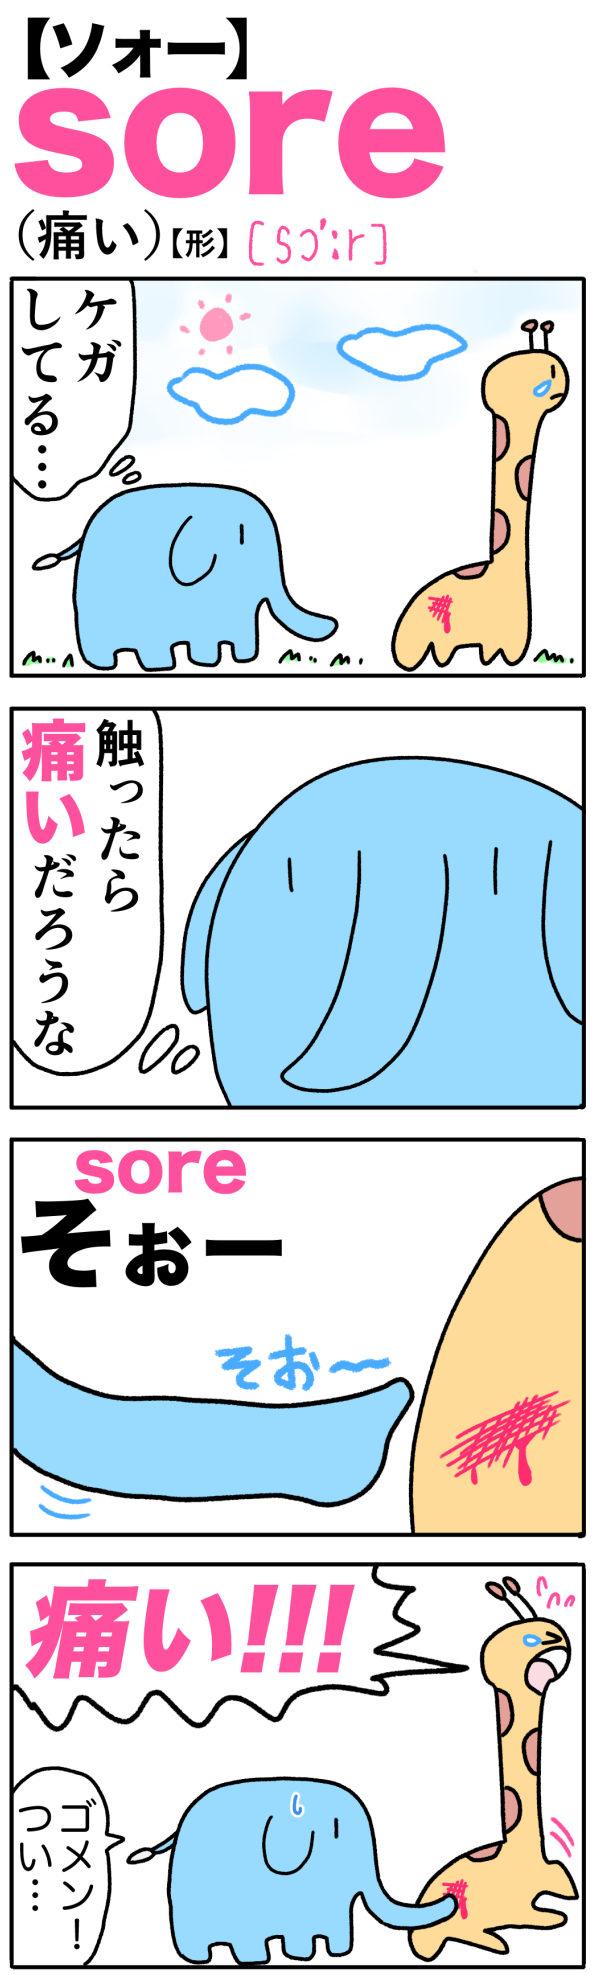 sore(痛い)の語呂合わせ英単語